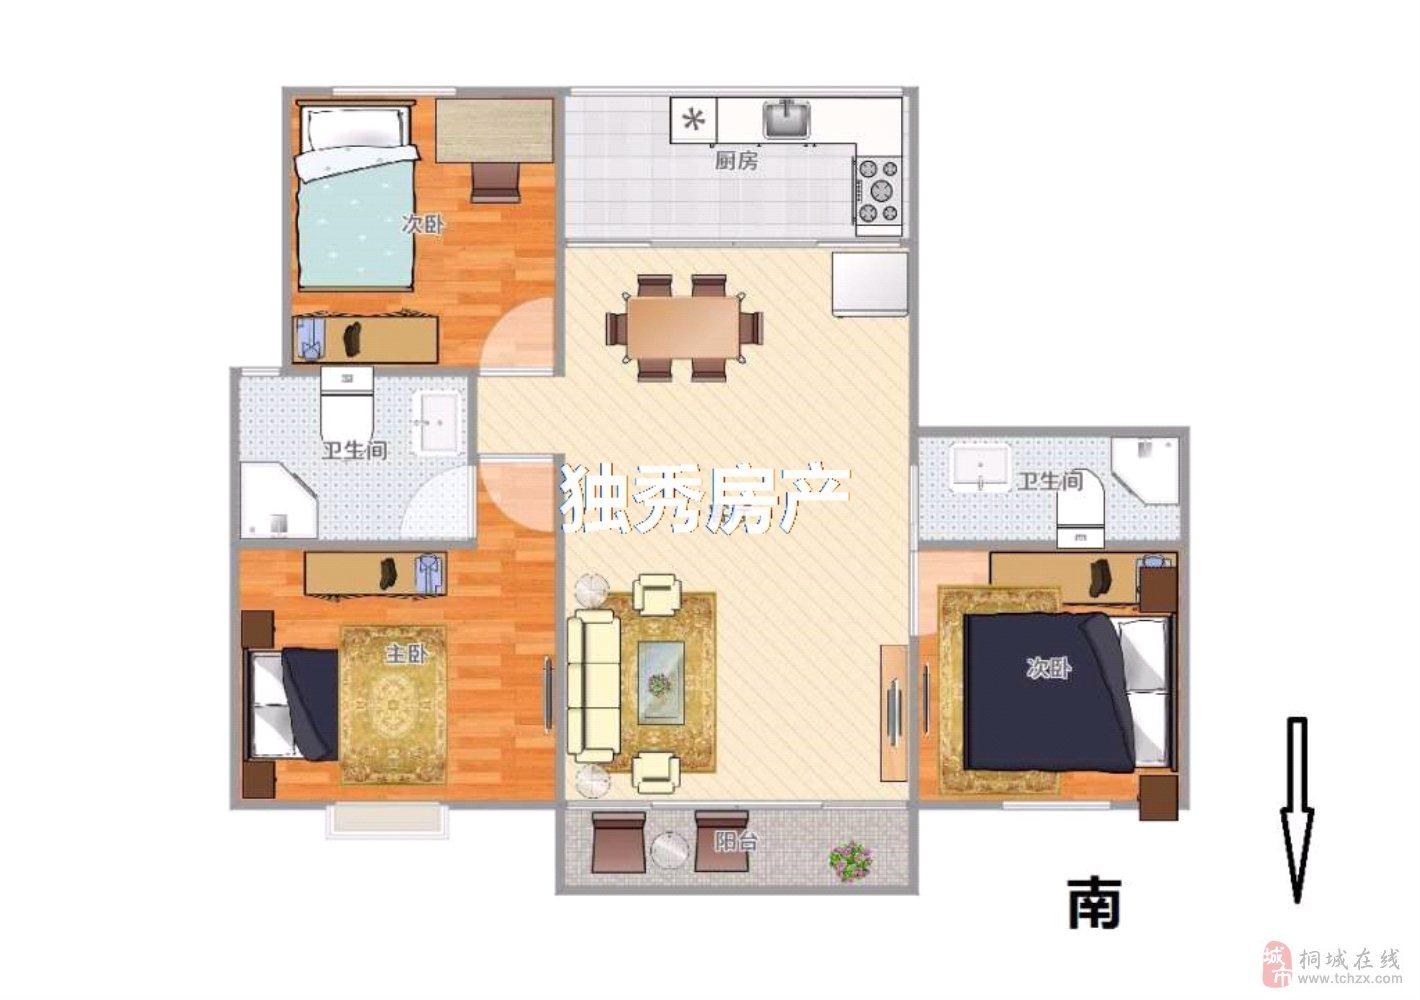 桐城人家精装3室2厅2卫62万元